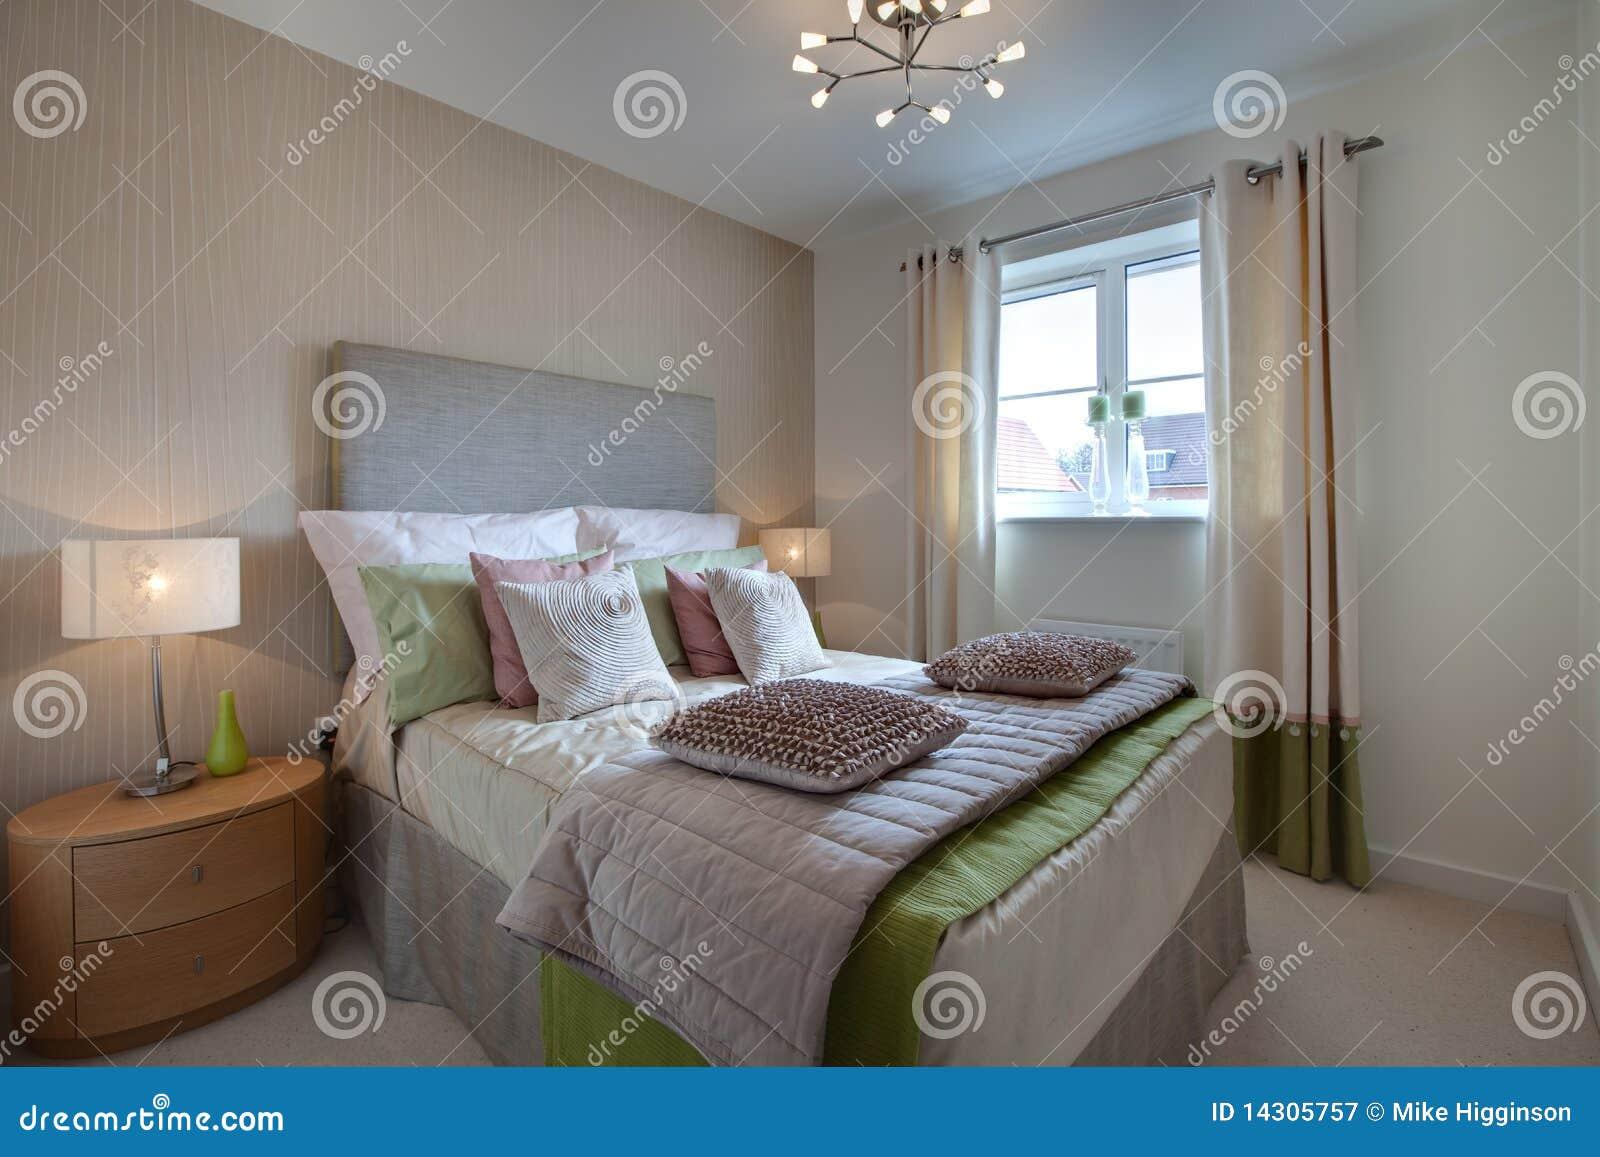 Camera da letto vestita moderna immagine stock immagine - Camera da letto moderno ...